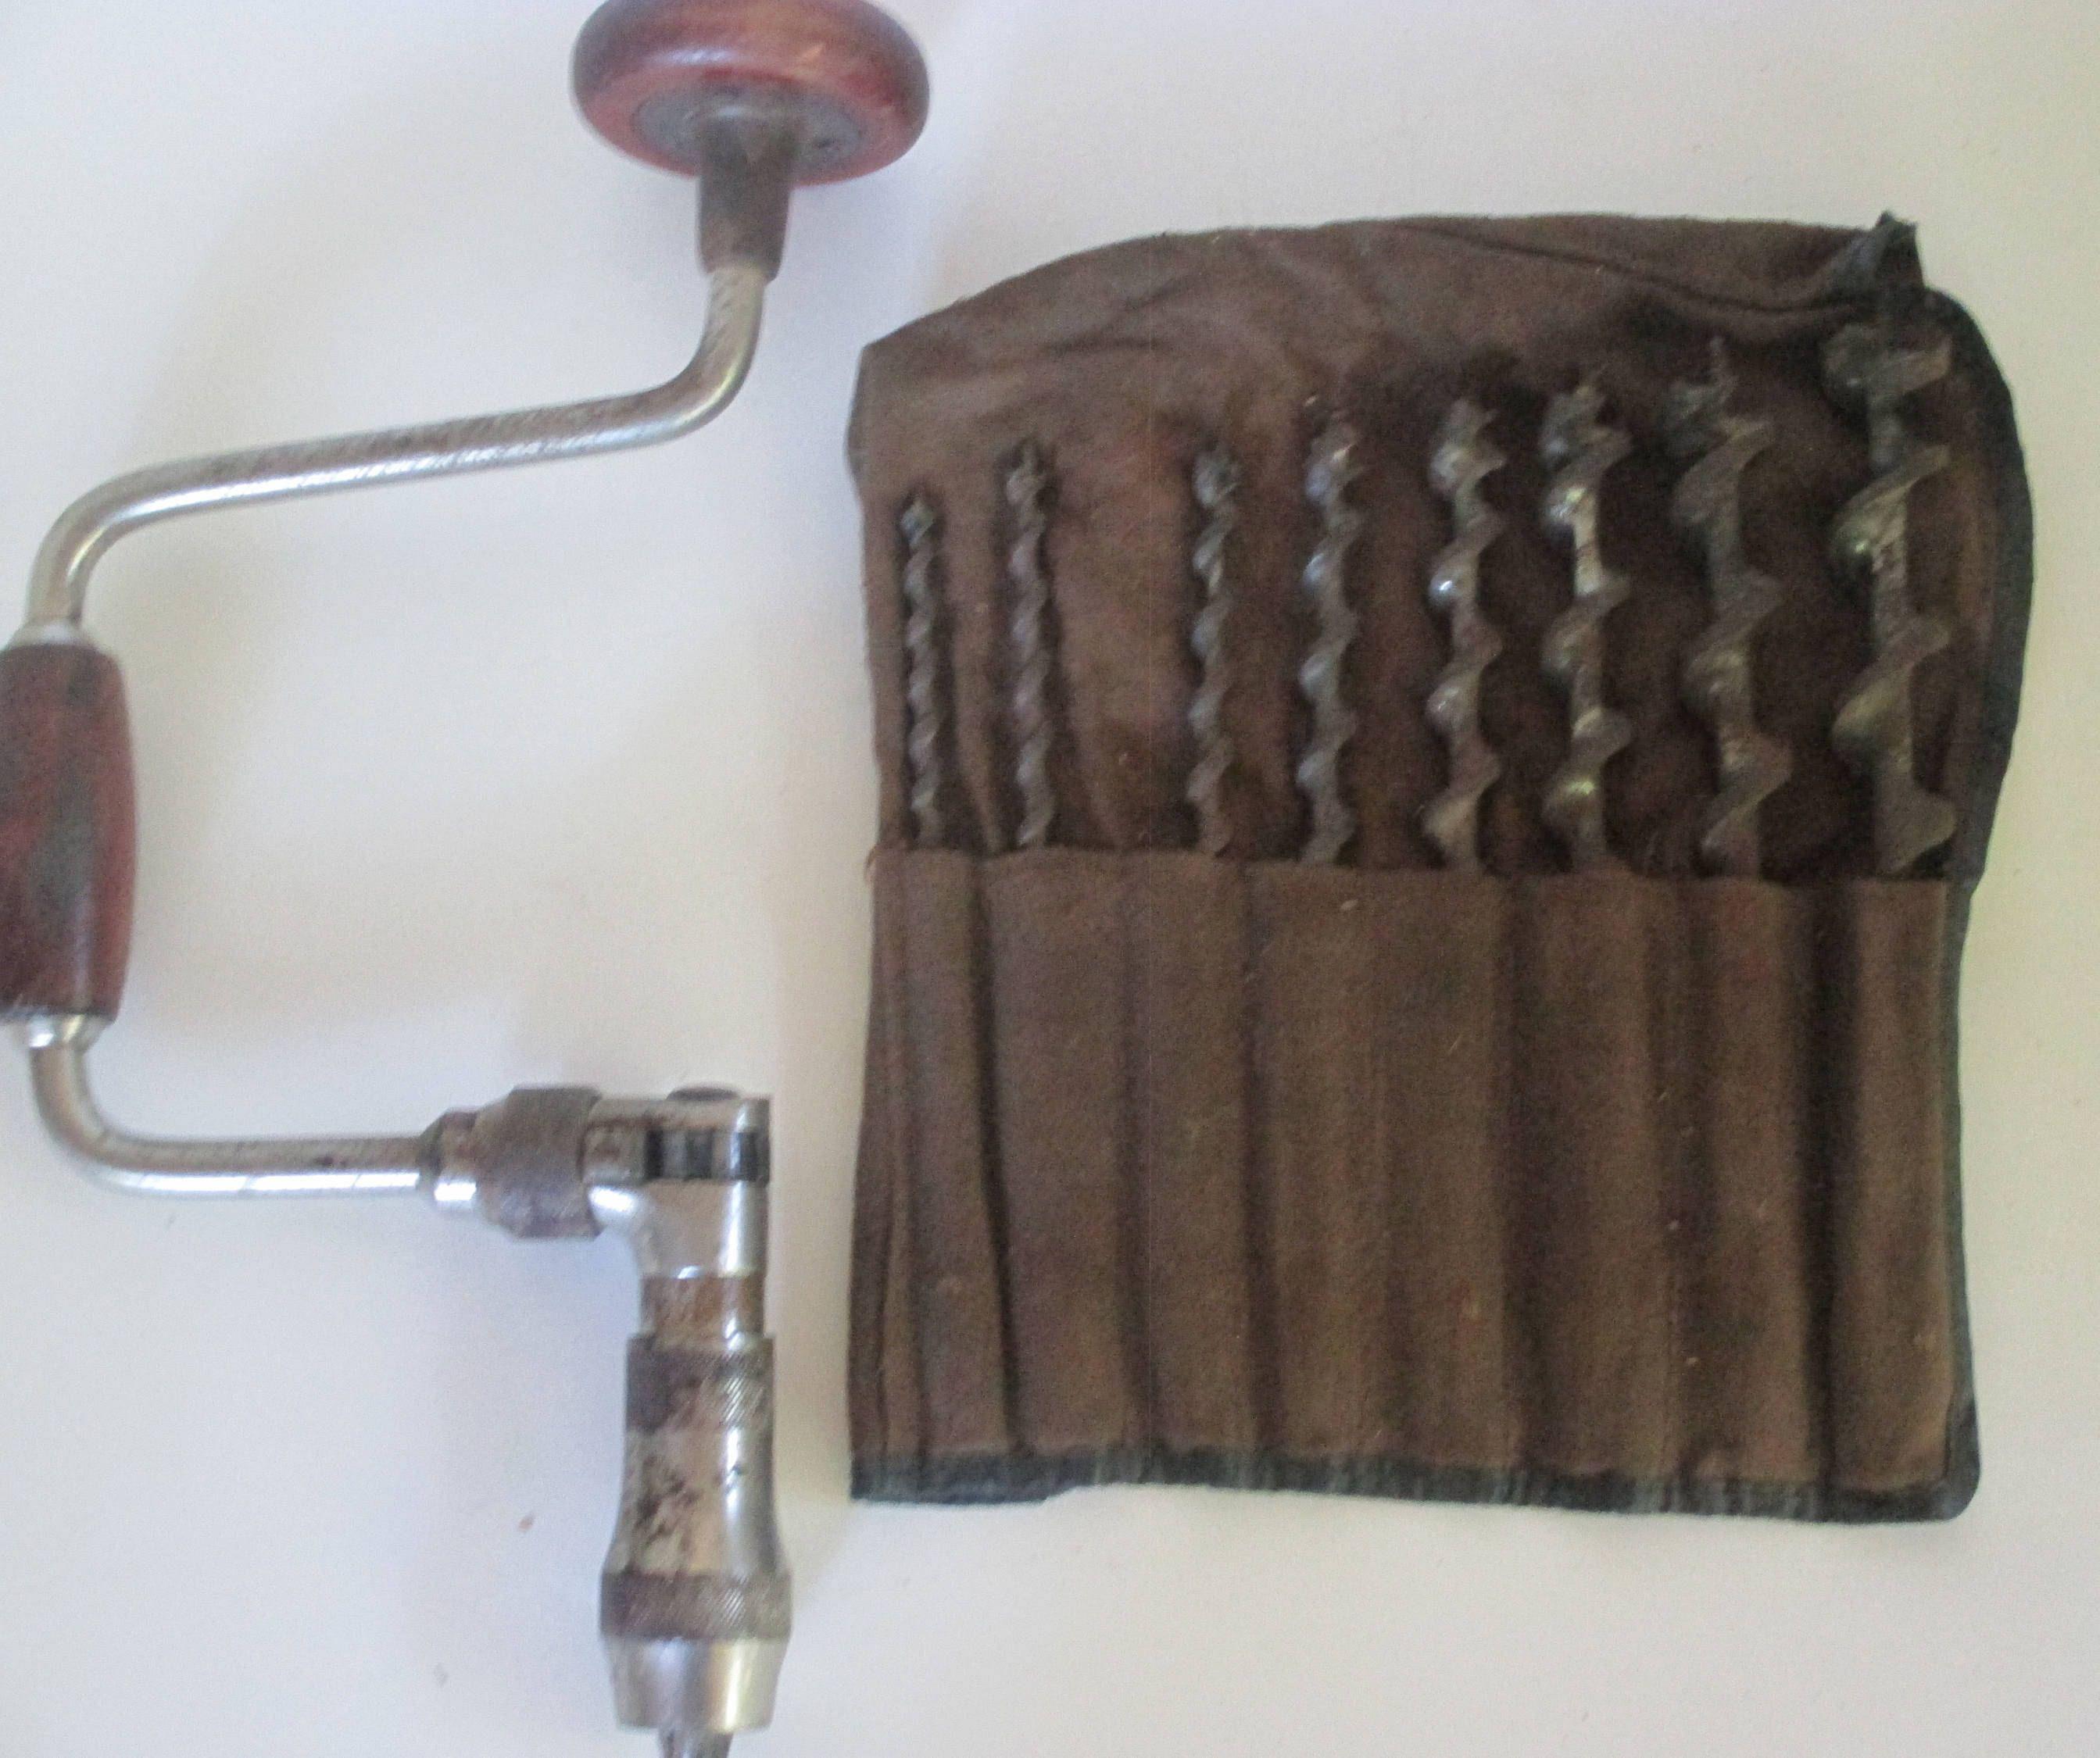 Hand Brace And Bit Set 8 Auger Bits